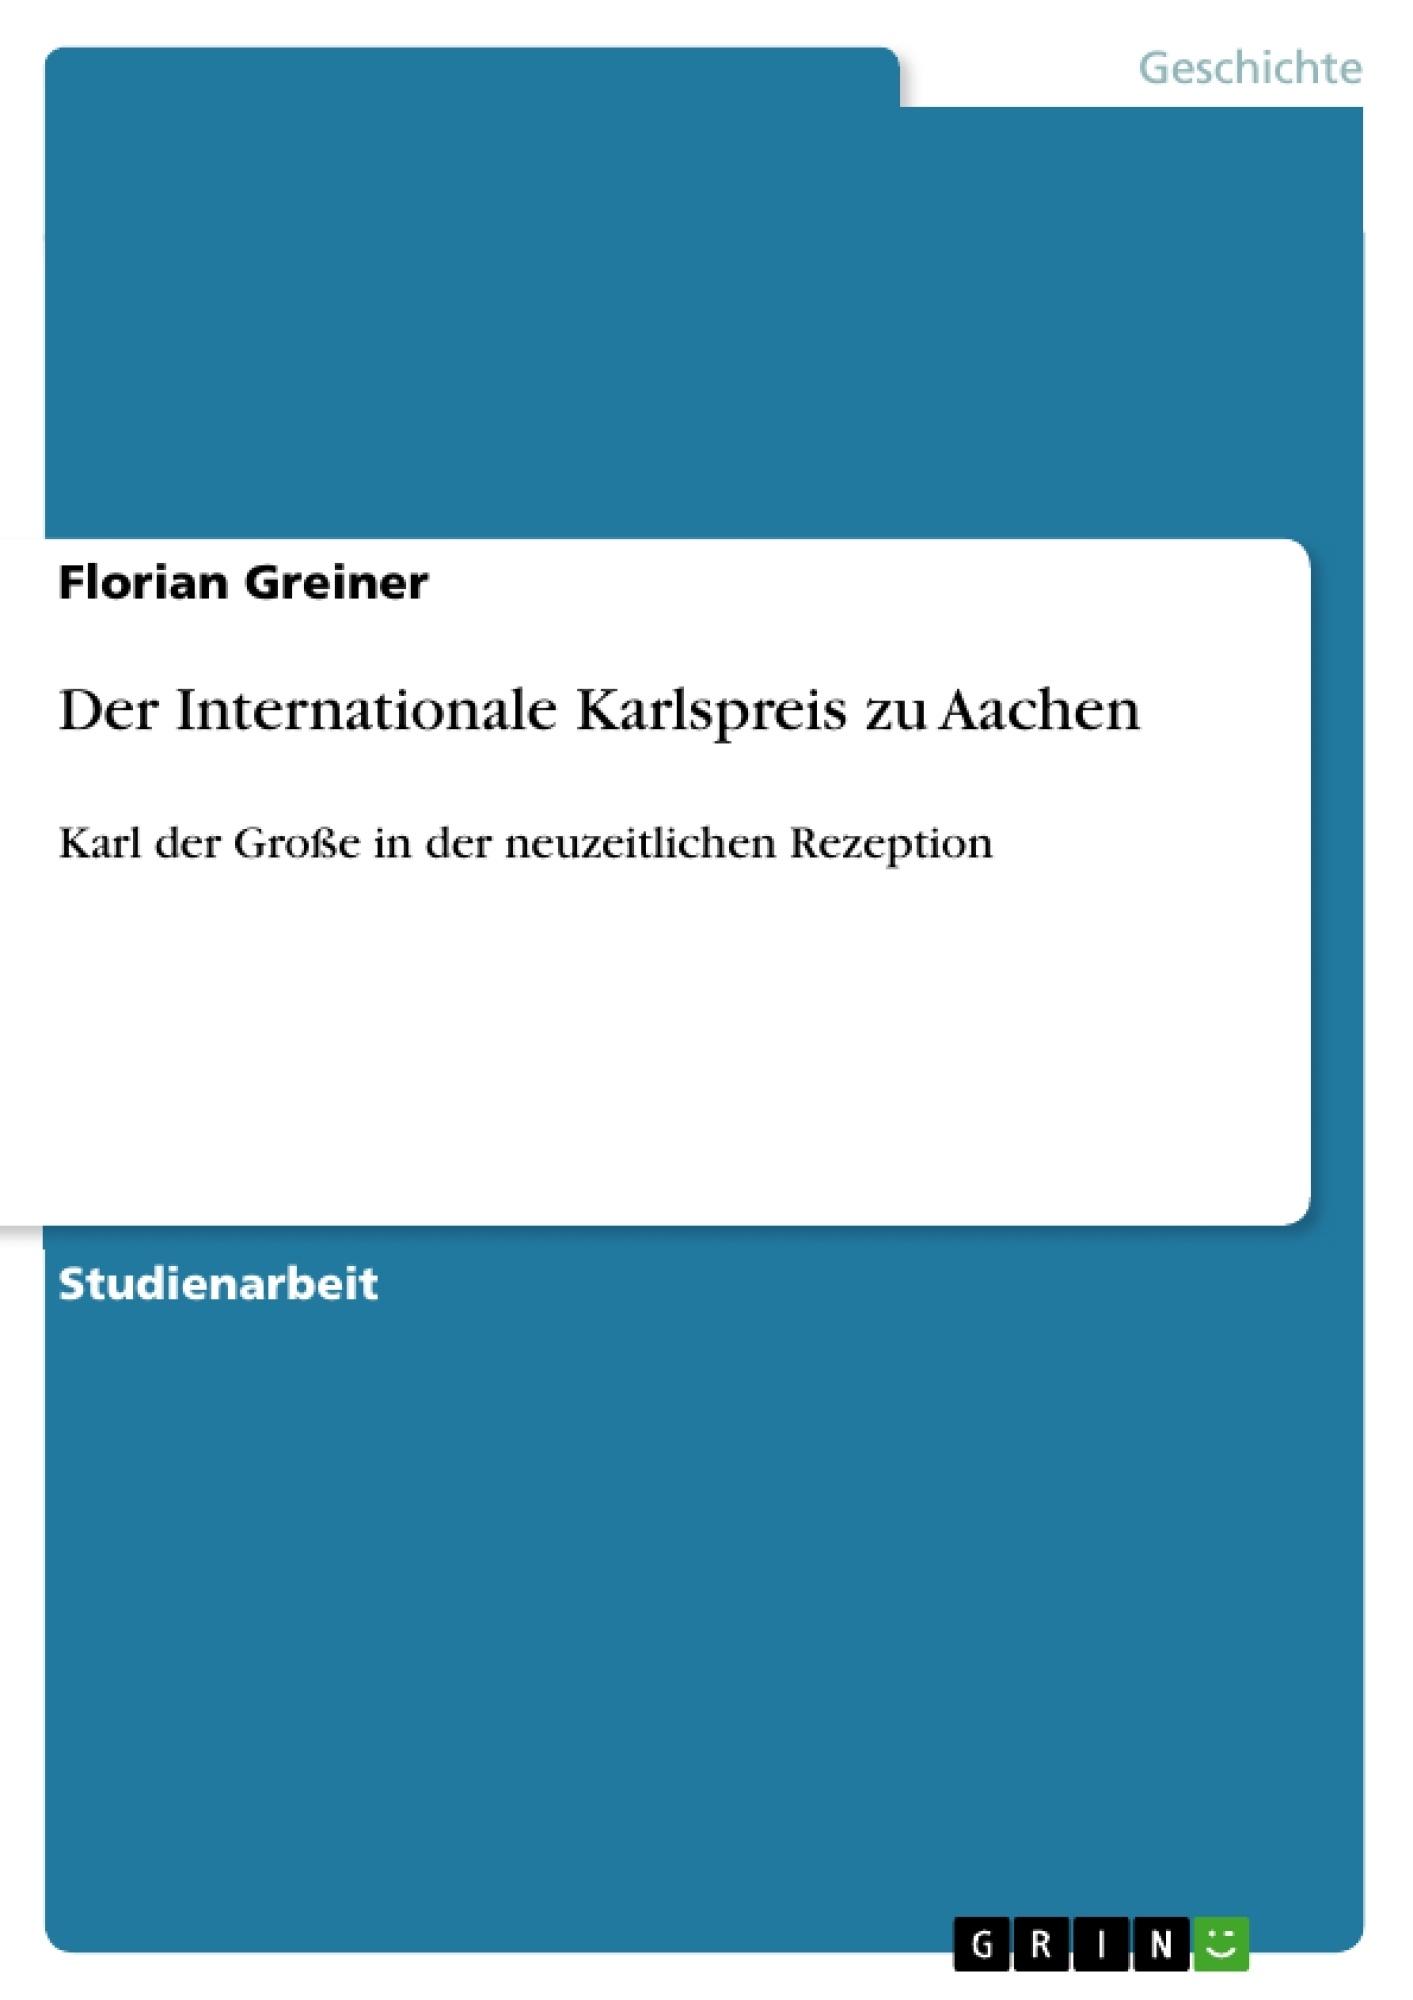 Titel: Der Internationale Karlspreis zu Aachen